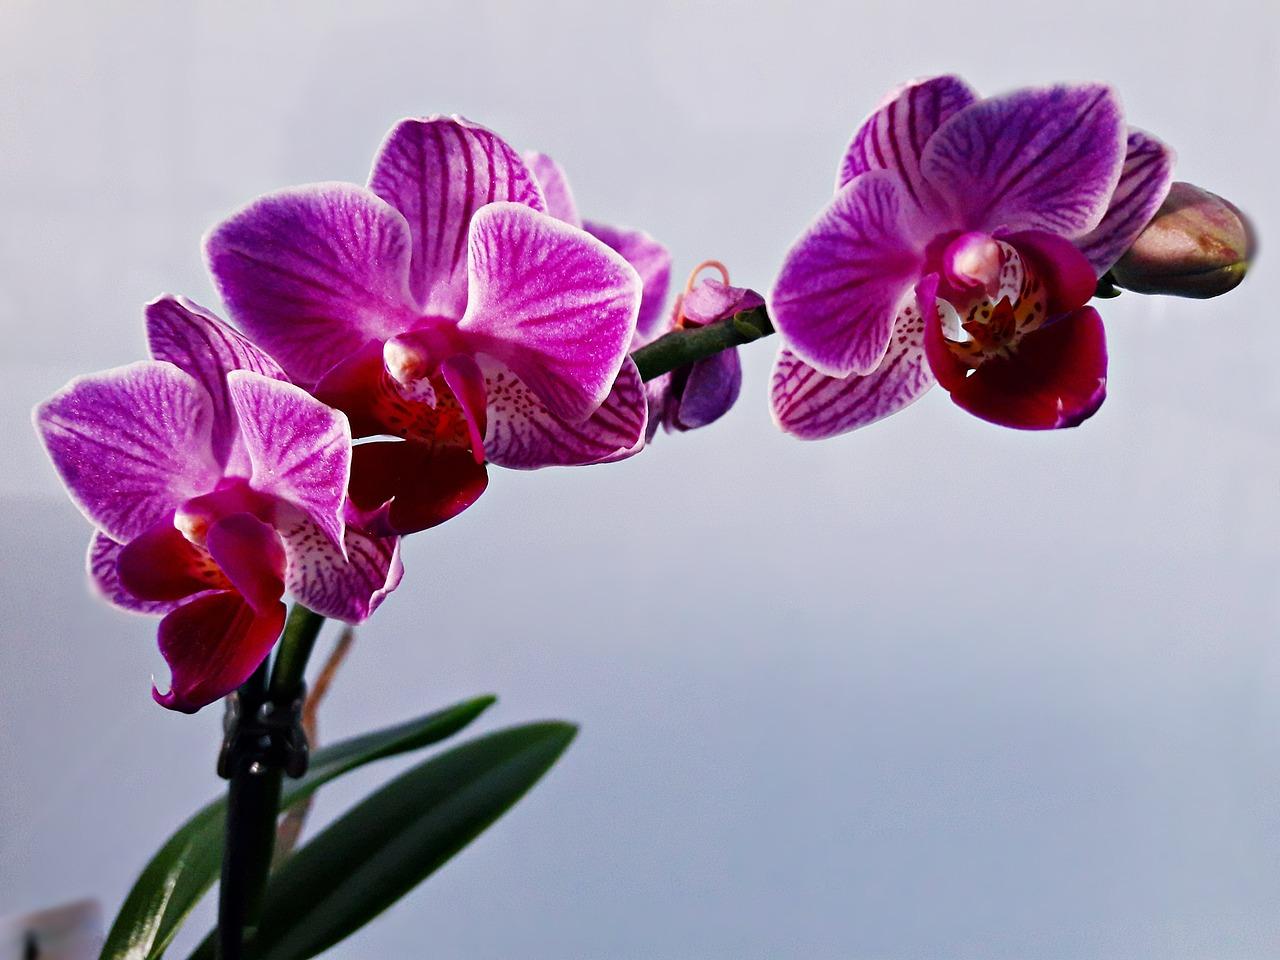 E Potare Le Orchidee Per Farle Rifiorire